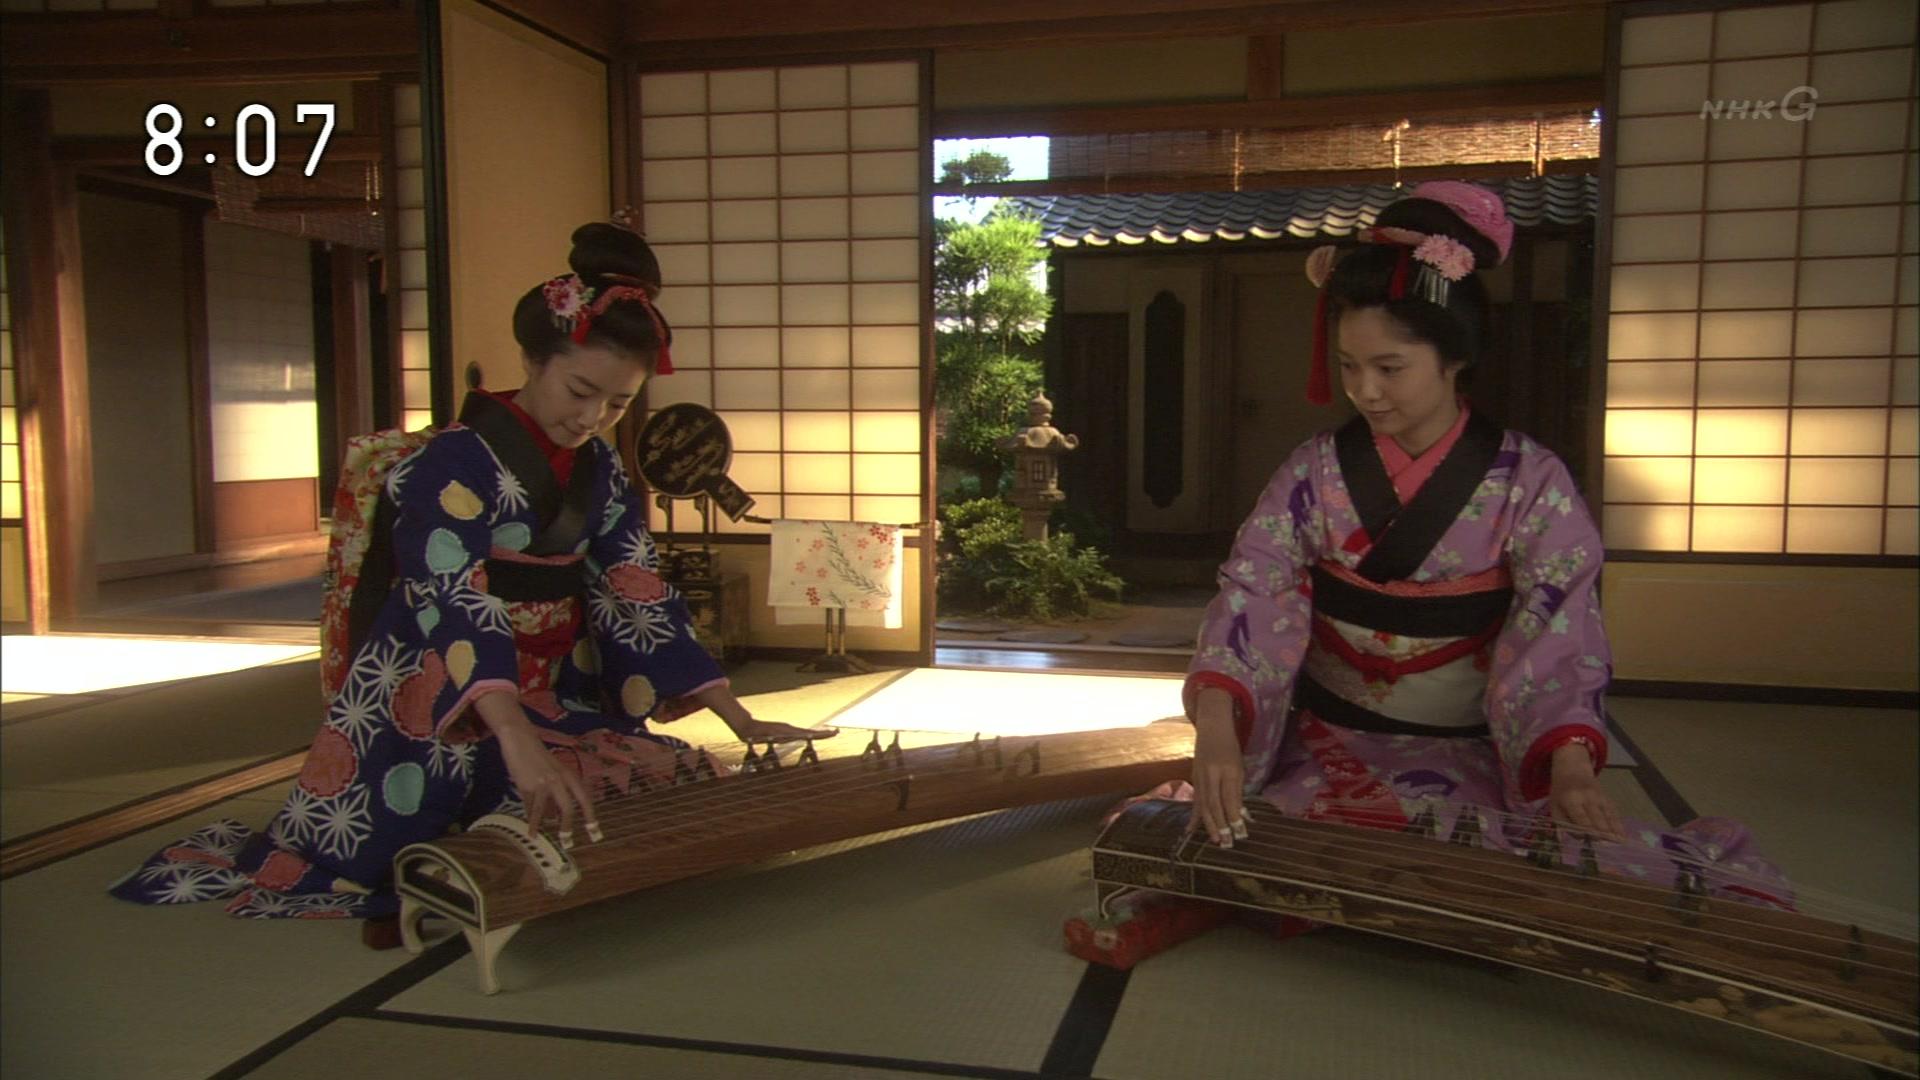 2015-10-09 08:00 連続テレビ小説 あさが来た(11)「ふたつの花びら」 1401